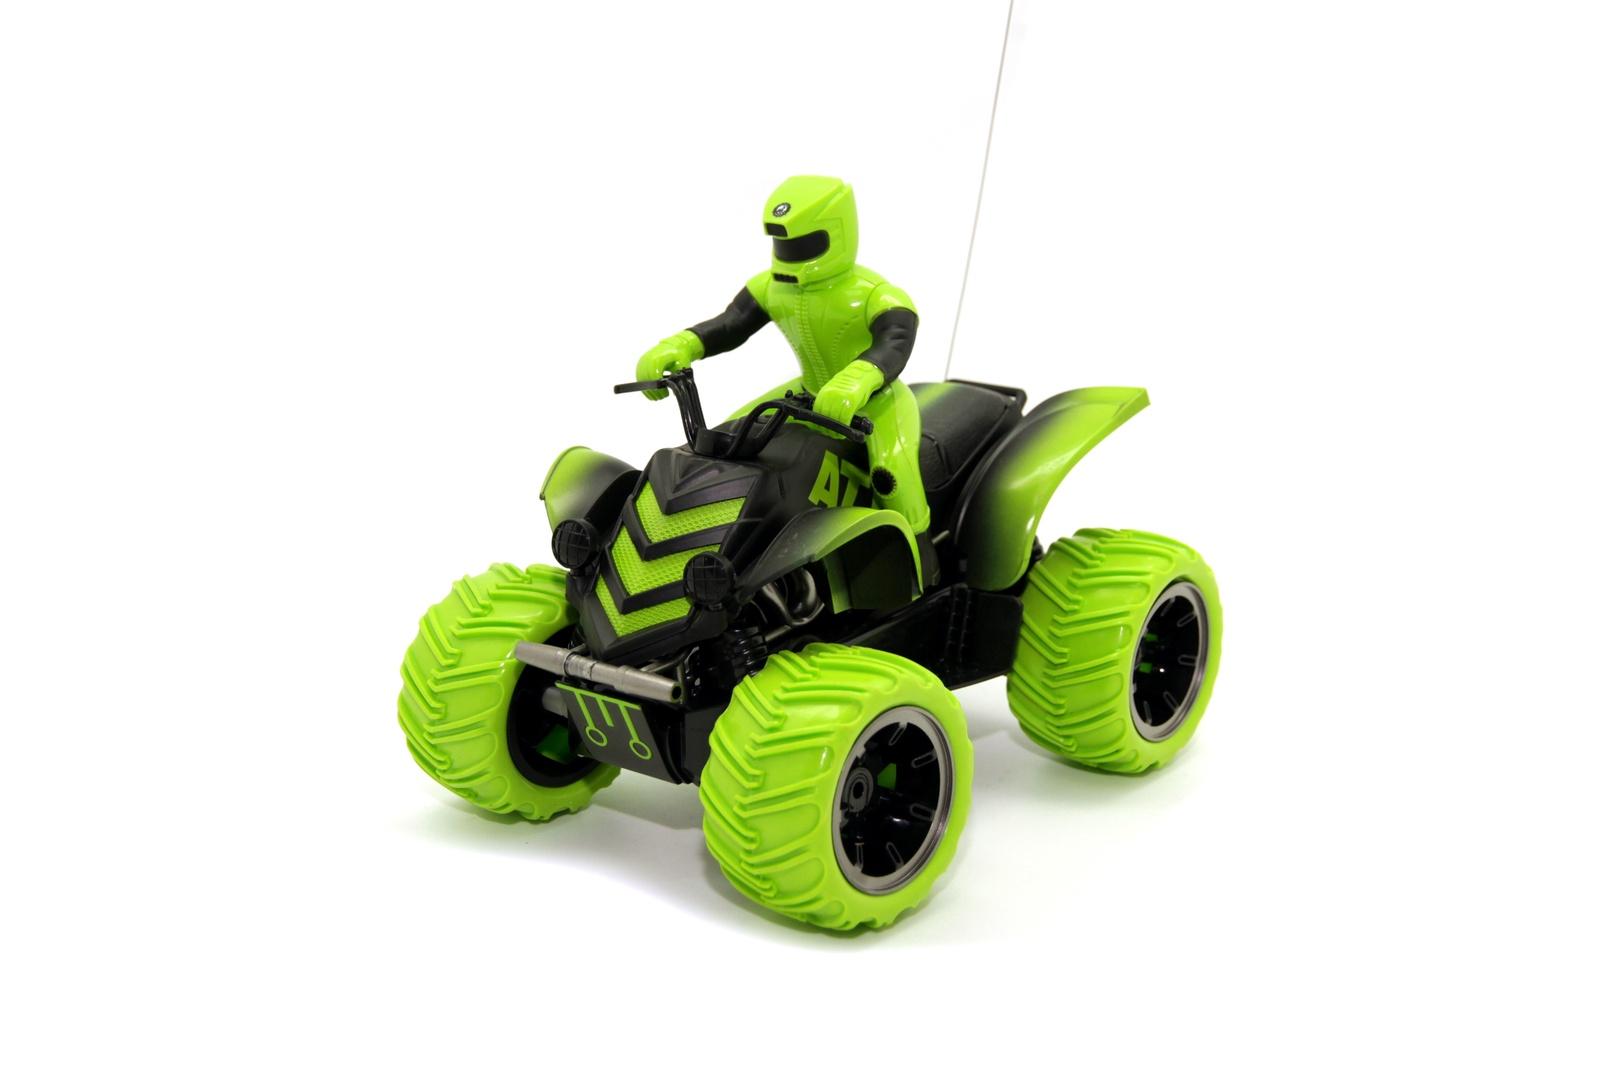 Игрушка радиоуправляемая Balbi MTR-001-G зеленый квадроцикл на радиоуправлении balbi квадроцикл зелёный от 5 лет пластик металл mtr 001 g